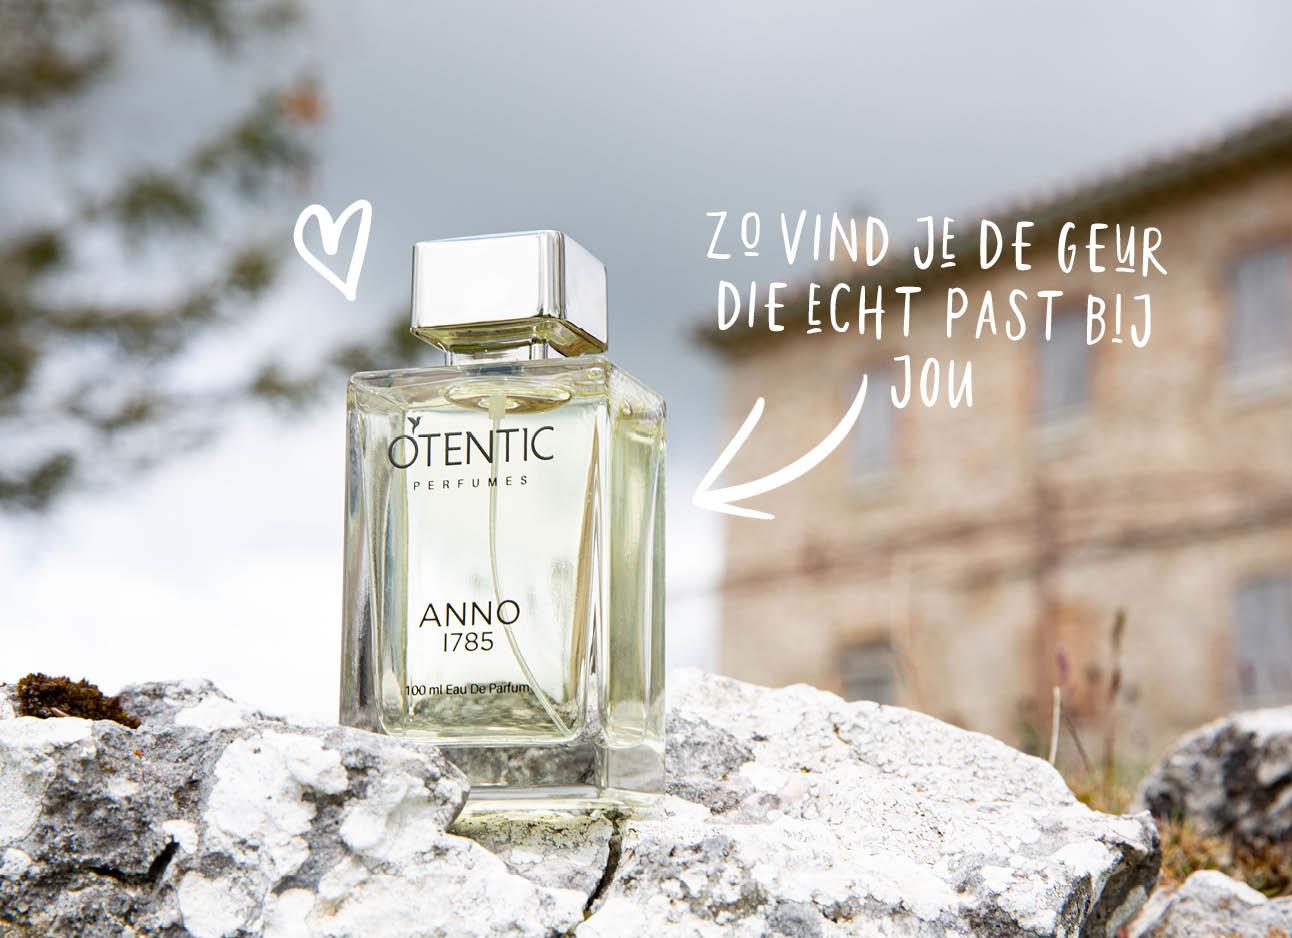 advertorial otentic perfume. Parumflesje on de sneeuw